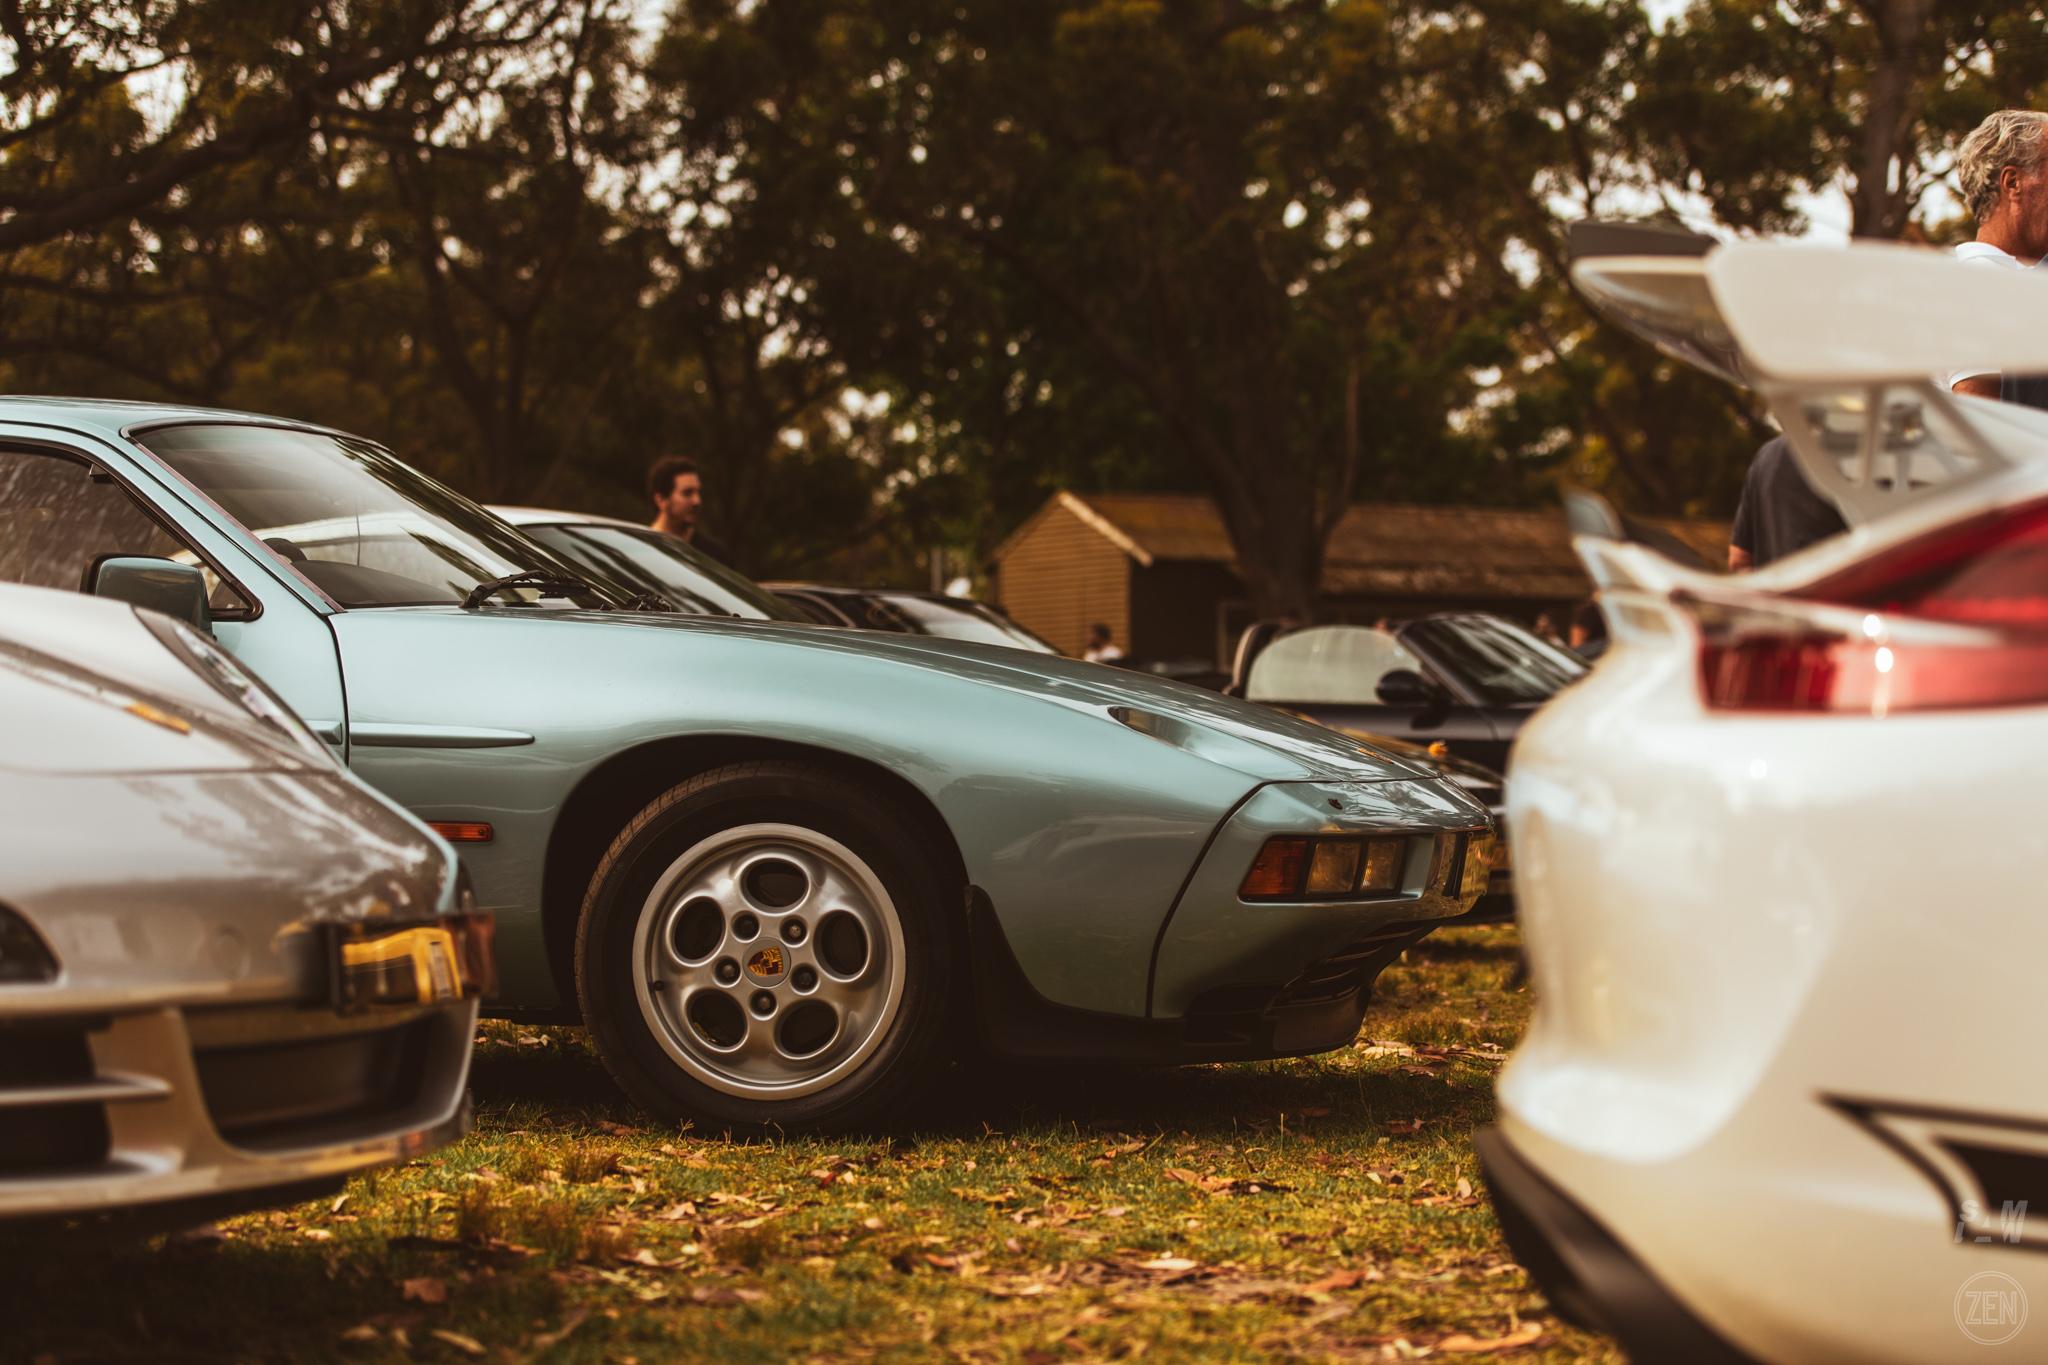 2019-12-08 - Porsches & Coffee 088